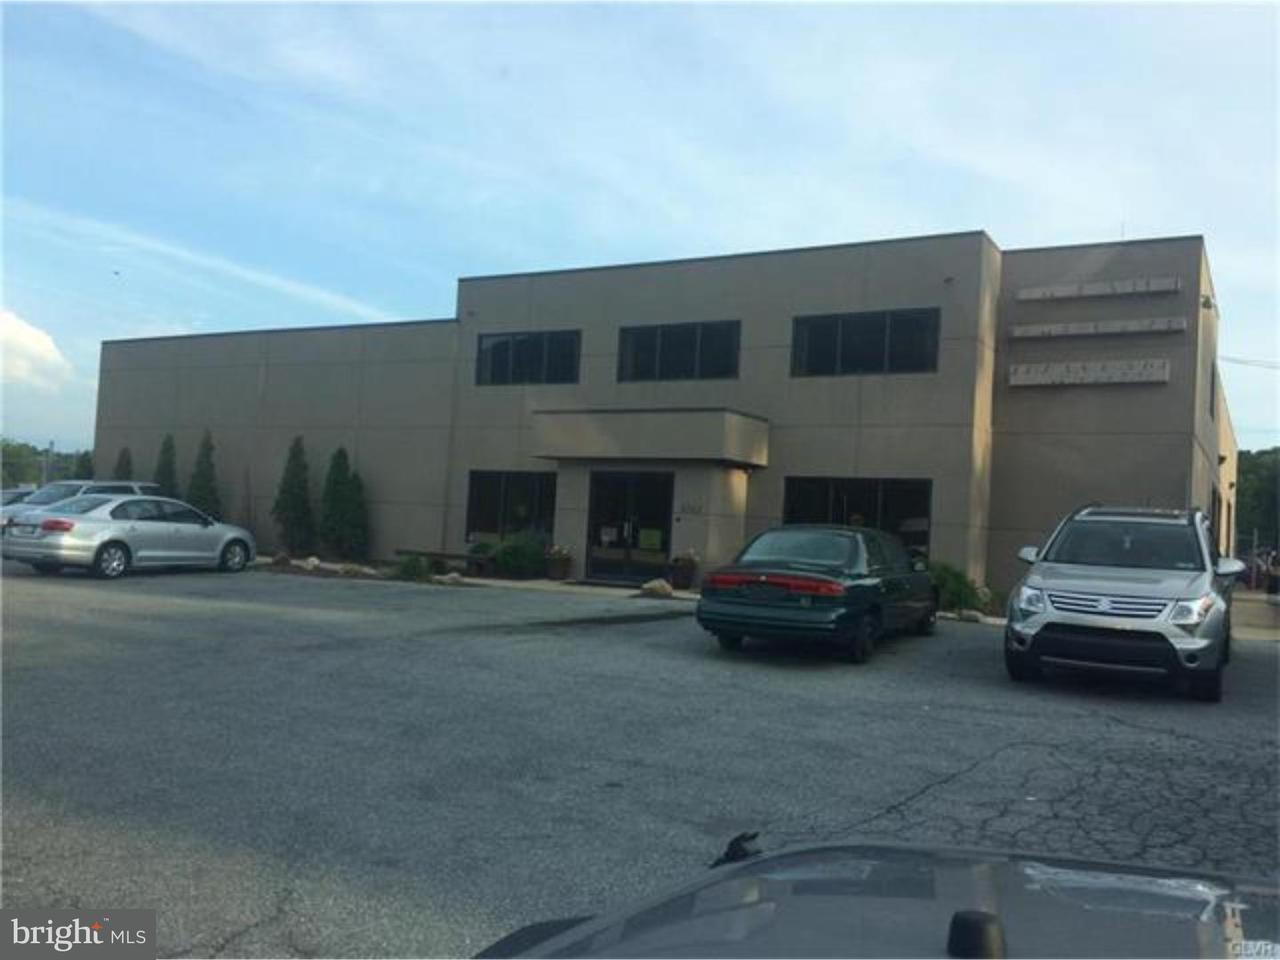 Maison unifamiliale pour l Vente à 8763 PA ROUTE 873 Slatington, Pennsylvanie 18080 États-Unis